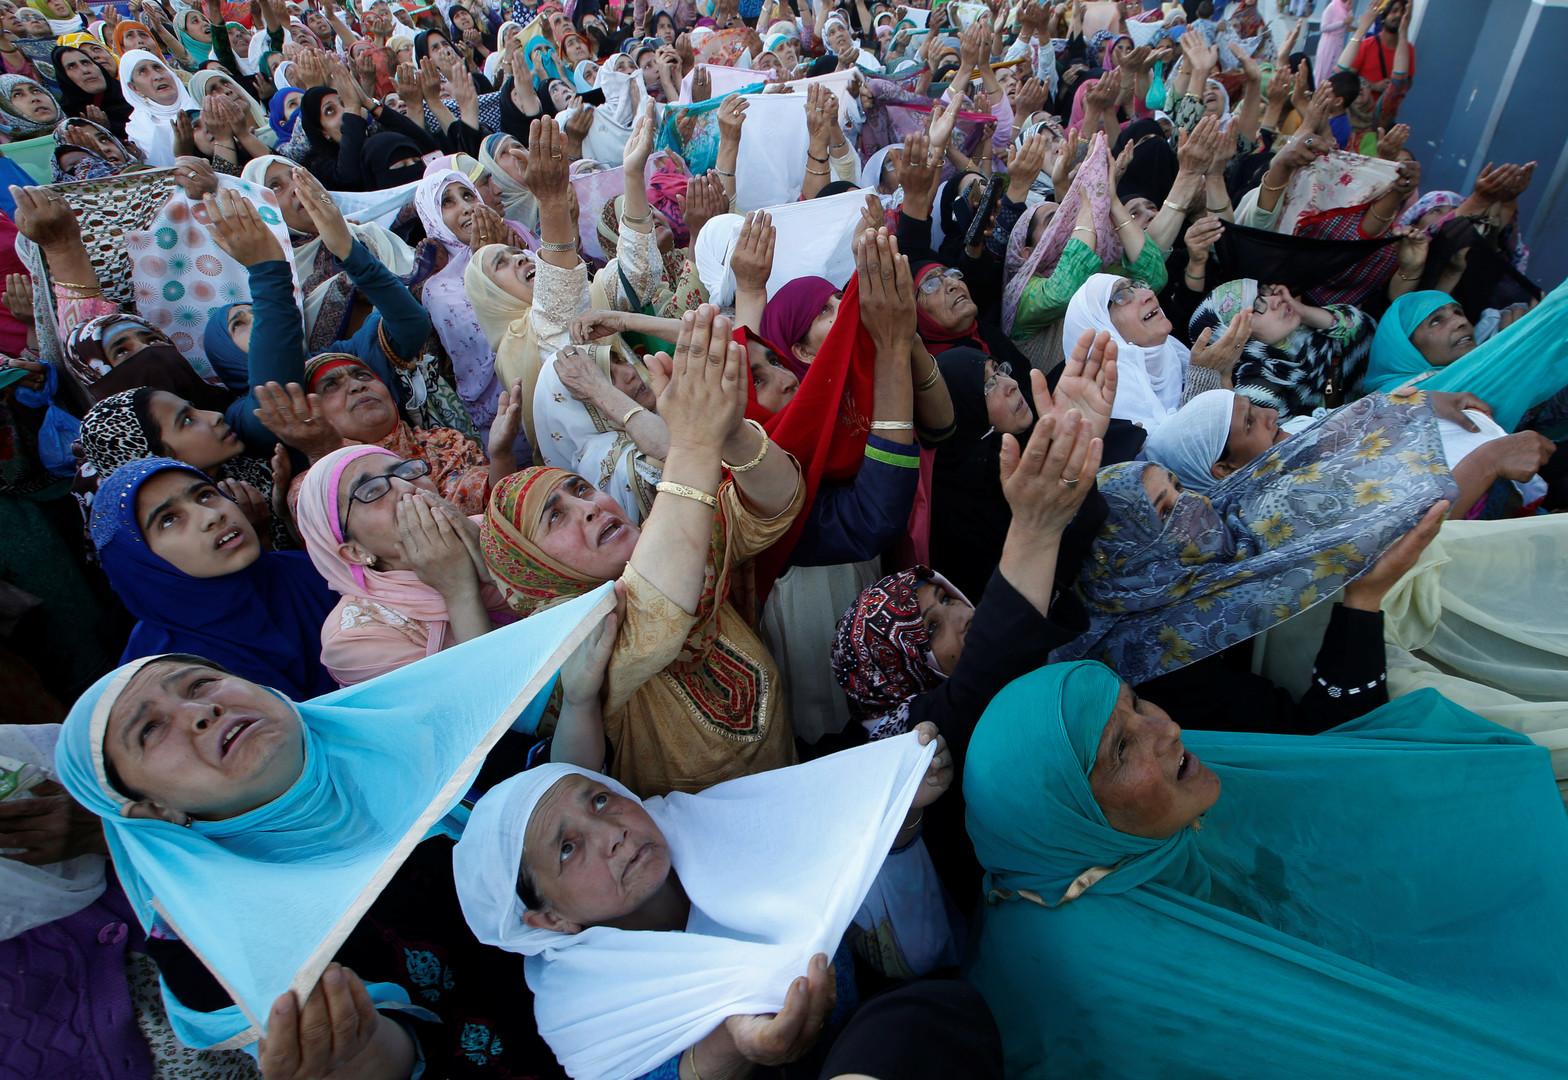 مسلمات يتوجهن بالدعاء في أحد جوامع الهند